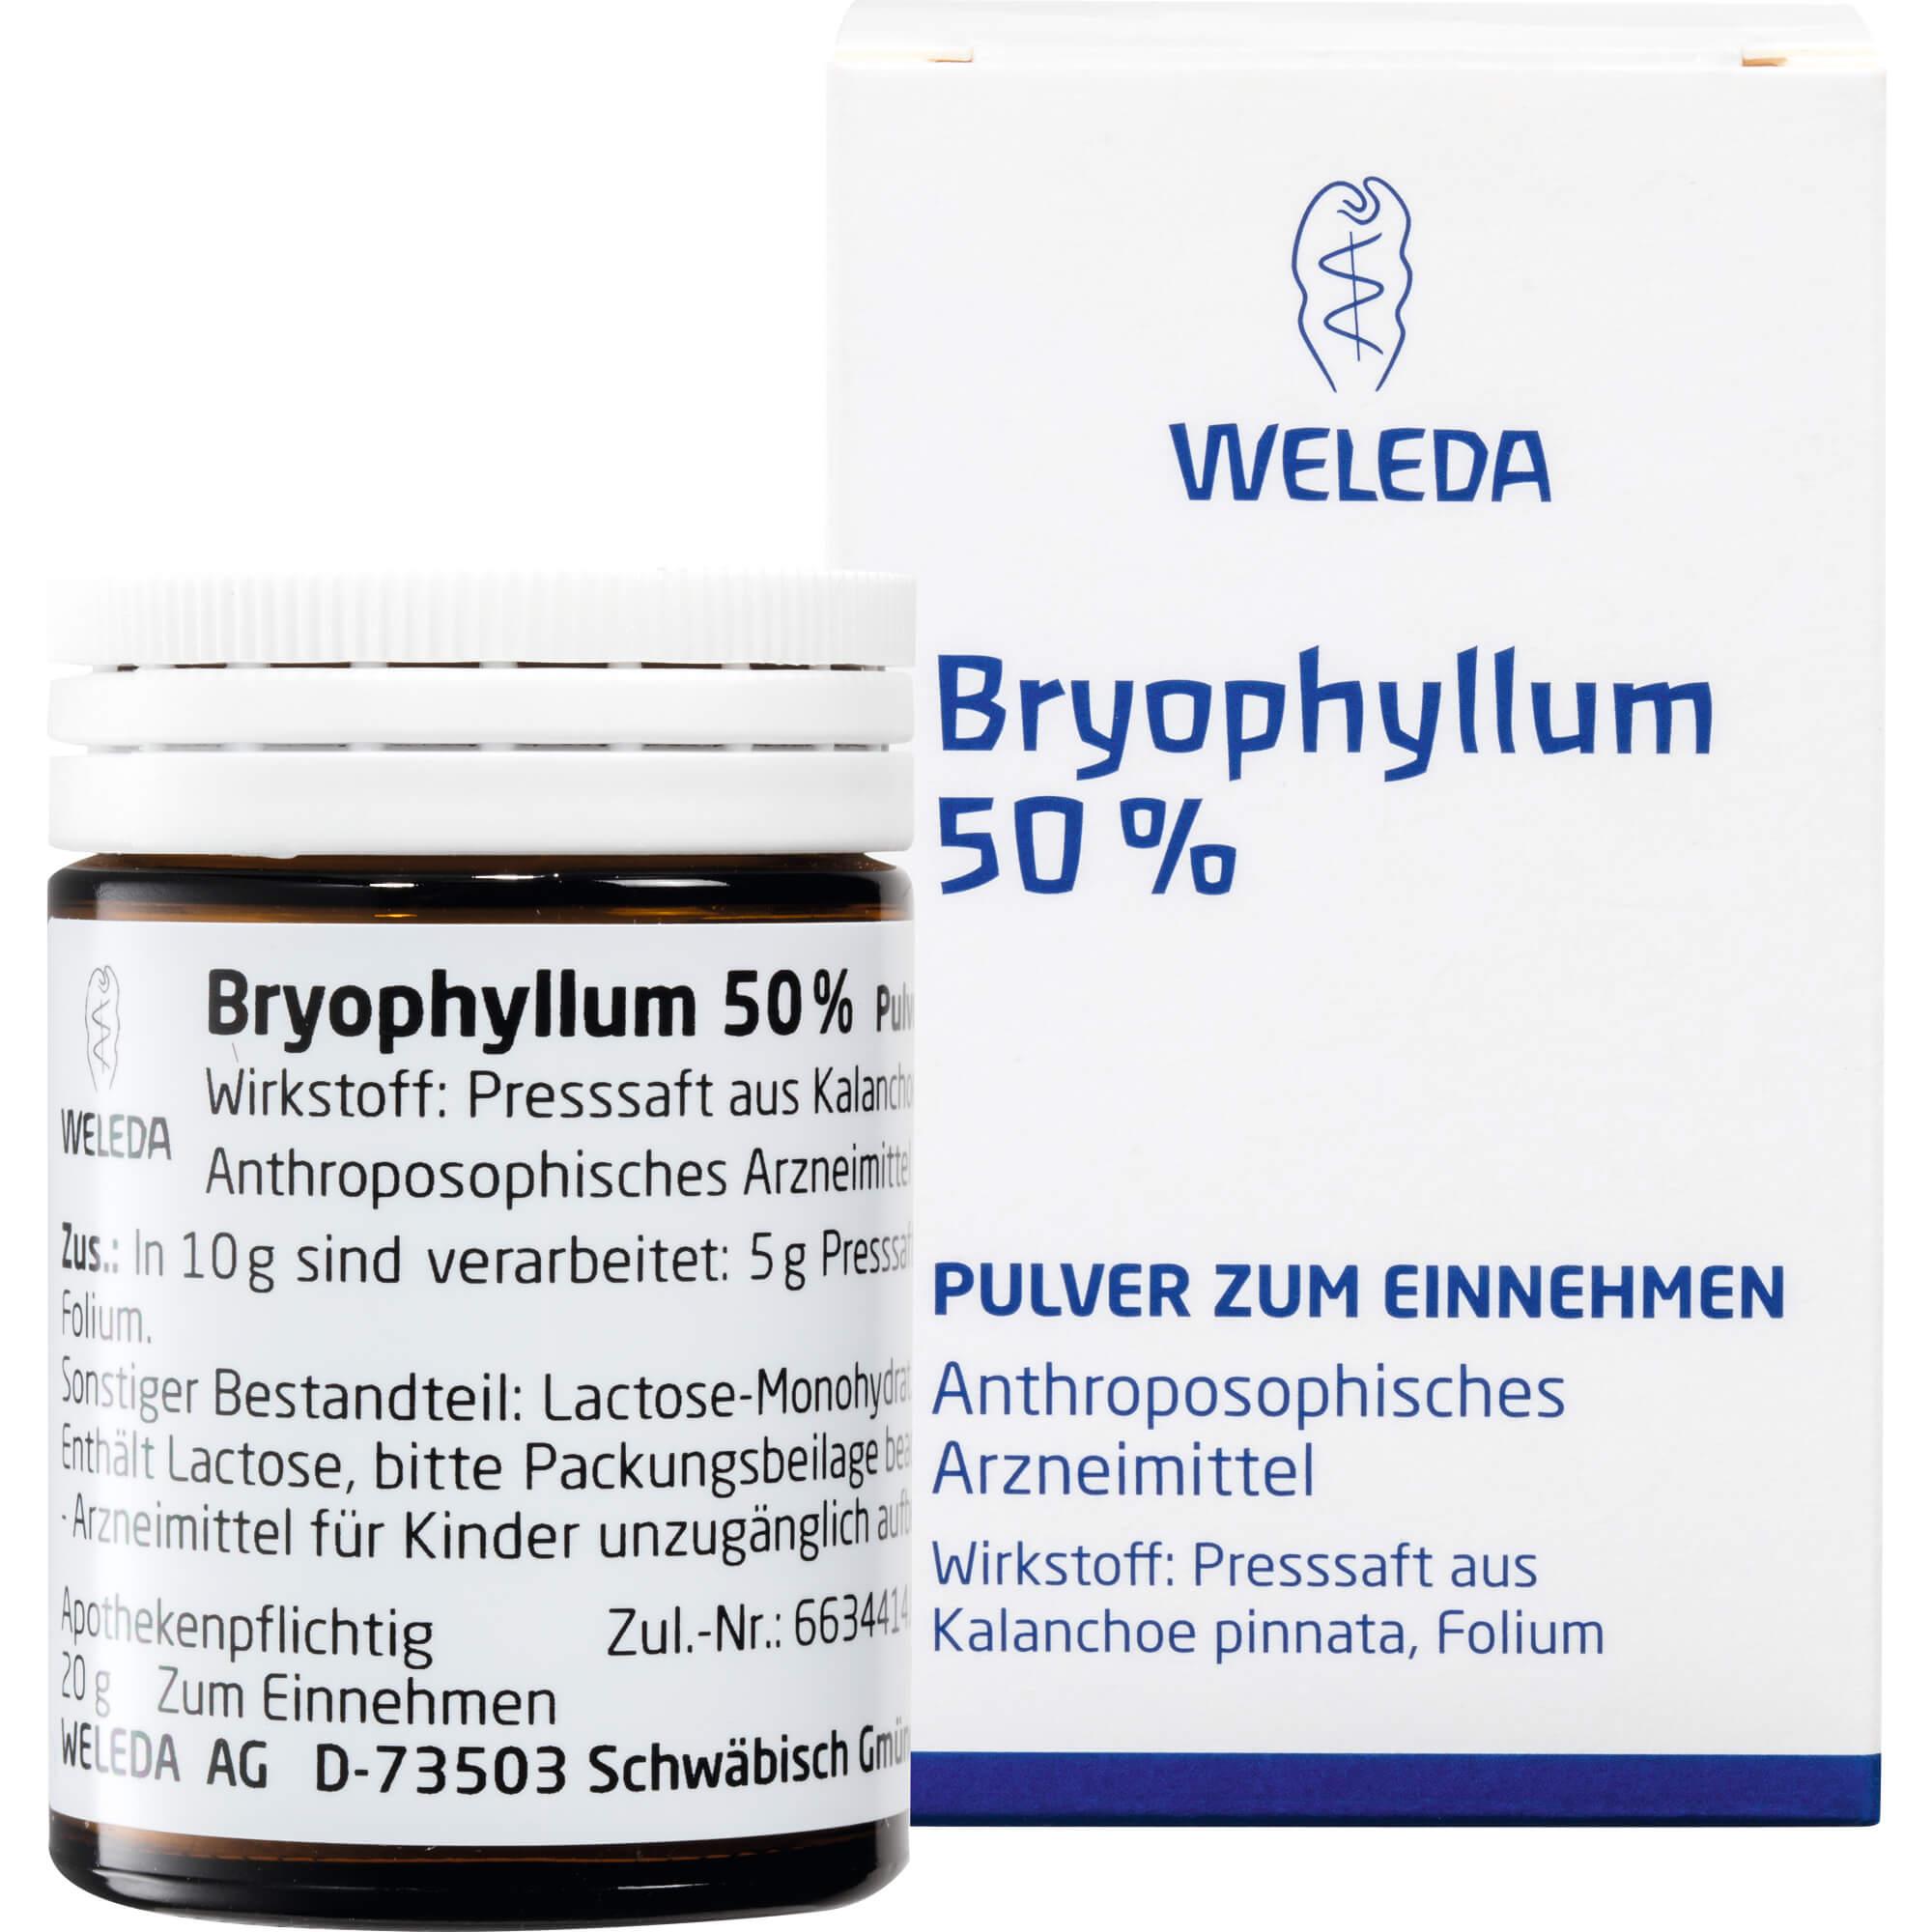 BRYOPHYLLUM-50-Pulver-zum-Einnehmen